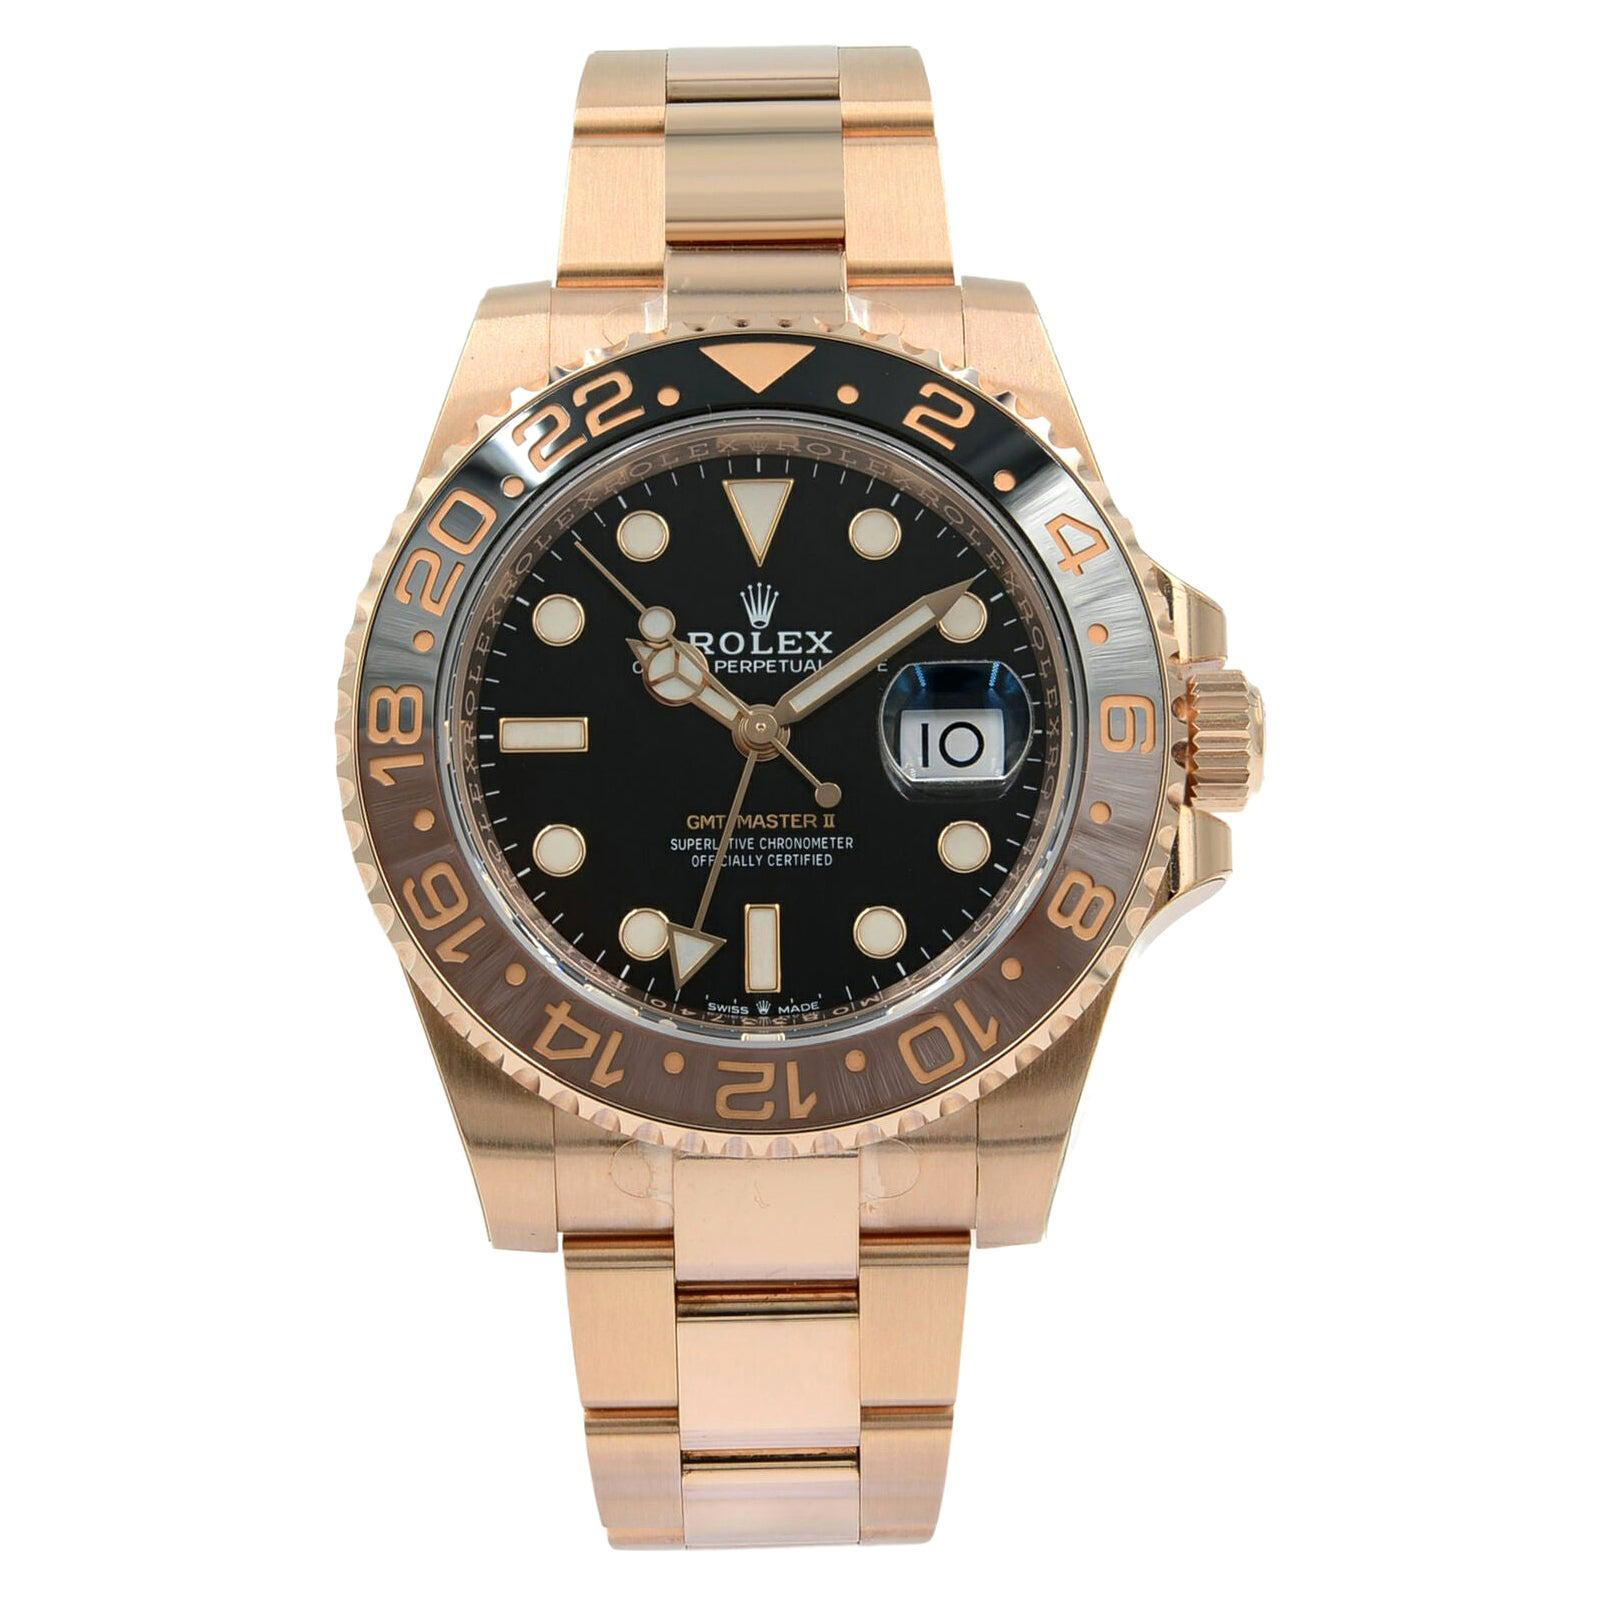 Rolex GMT-Master II 126715 Root Beer 18 Karat Rose Gold Automatic Men's Watch